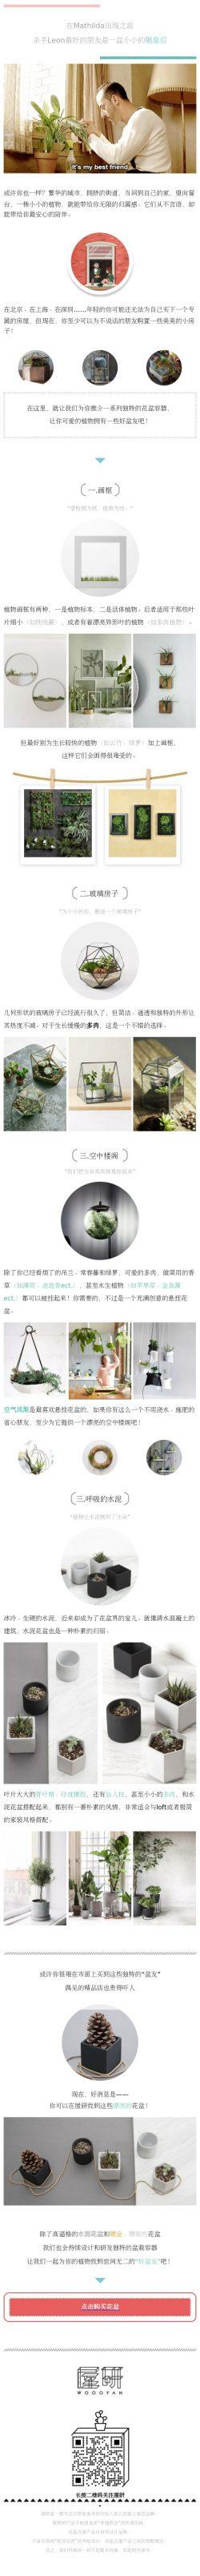 植物盆景盆栽花盆介绍清新微信文章模板